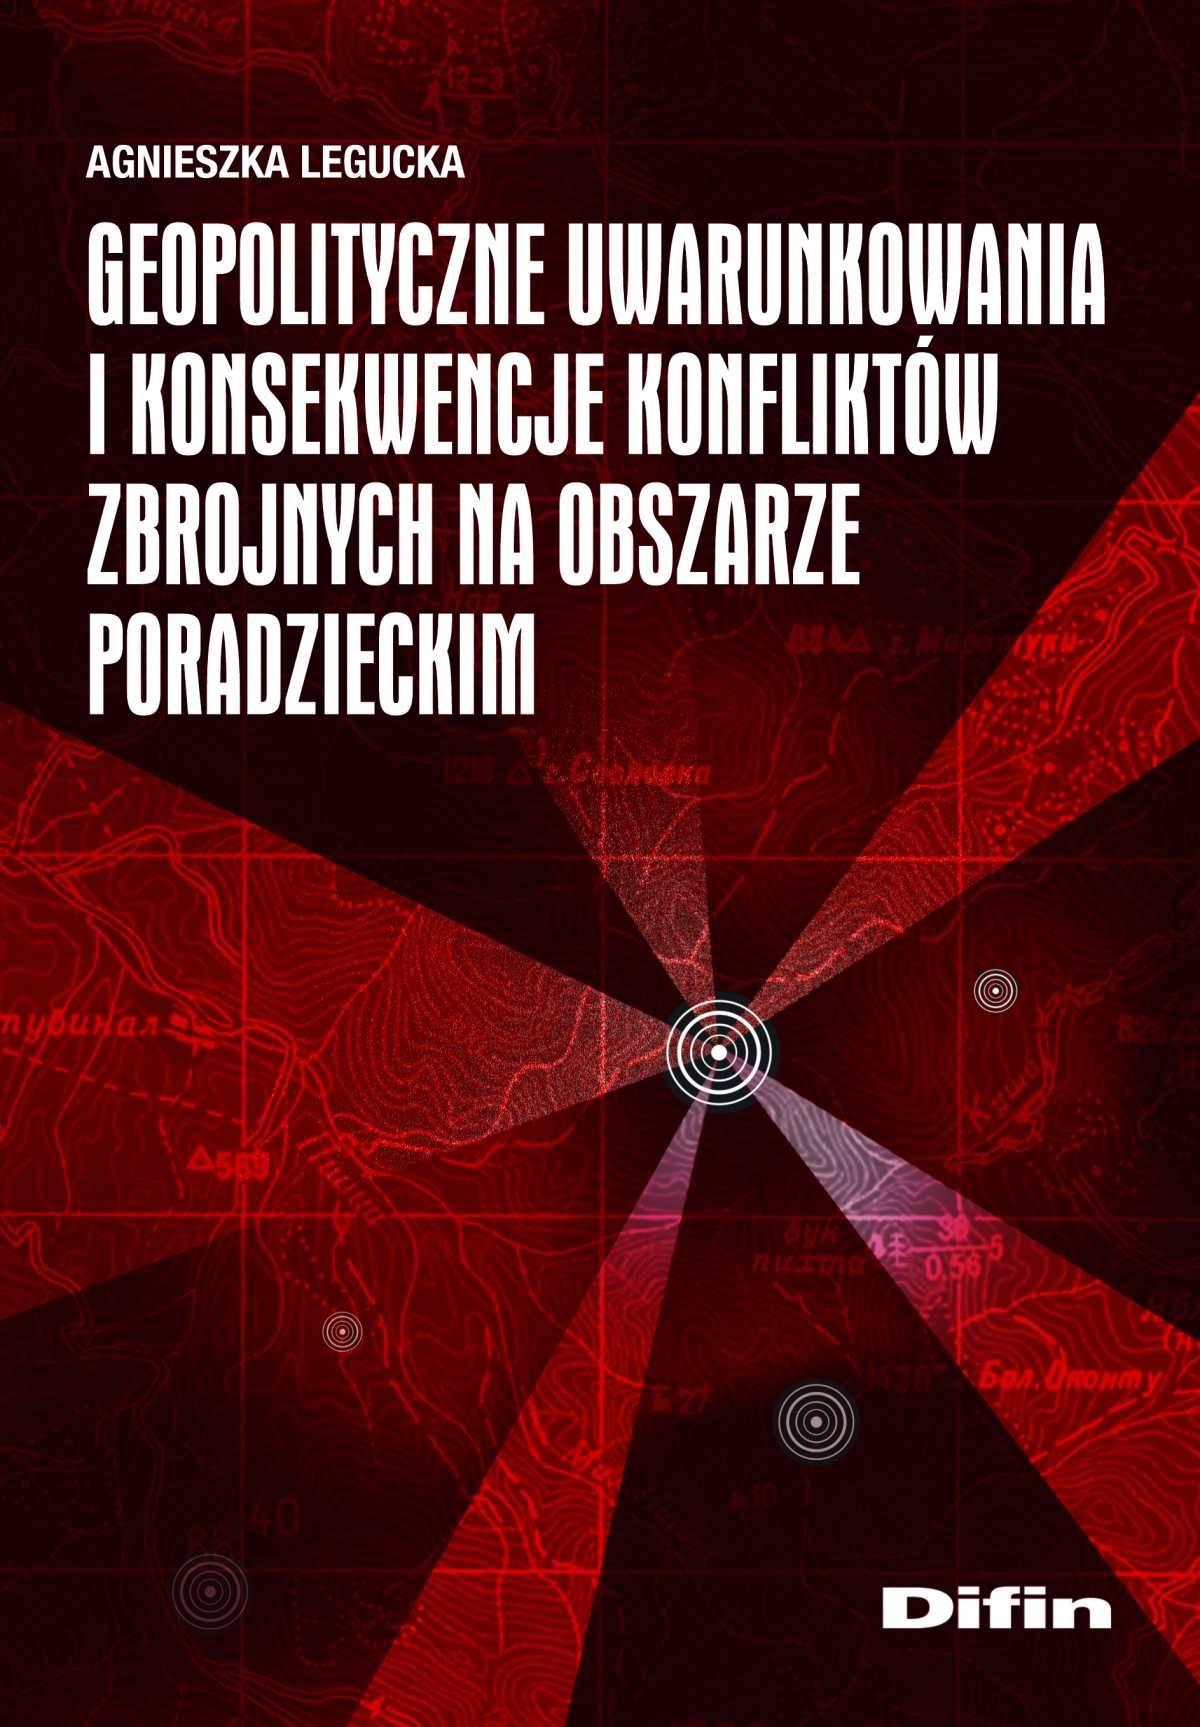 Geopolityczne uwarunkowania i konsekwencje konfliktów zbrojnych na obszarze poradzieckim - Ebook (Książka na Kindle) do pobrania w formacie MOBI